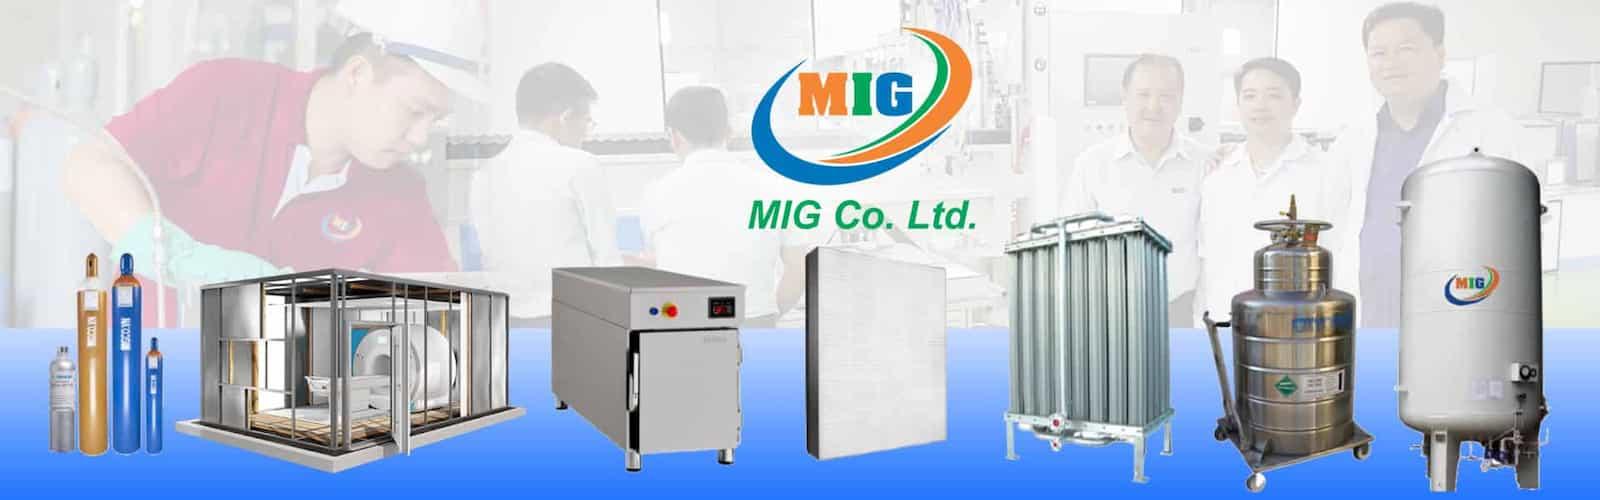 các sản phẩm migco cung cấp